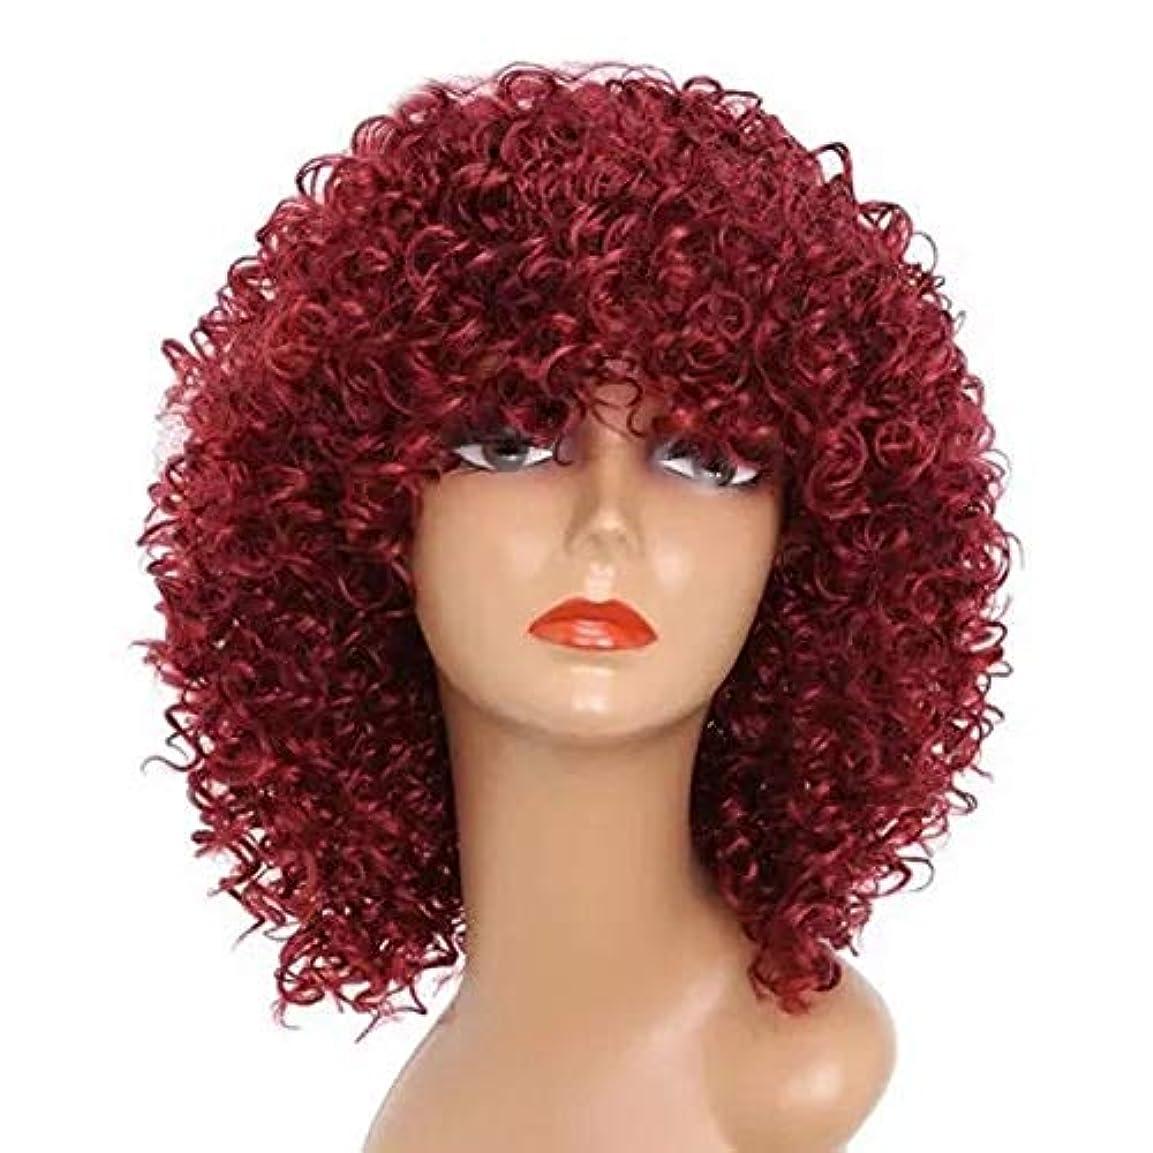 気性酔う代数コスチュームパーティーコスプレのための黒人女性カーリーブラジルのバージン毛グルーレス通気性のウィッグキャップのためのアフロカーリーウィッグ合成繊維レースフロントウィッグ人毛ウィッグ (Color : 赤)